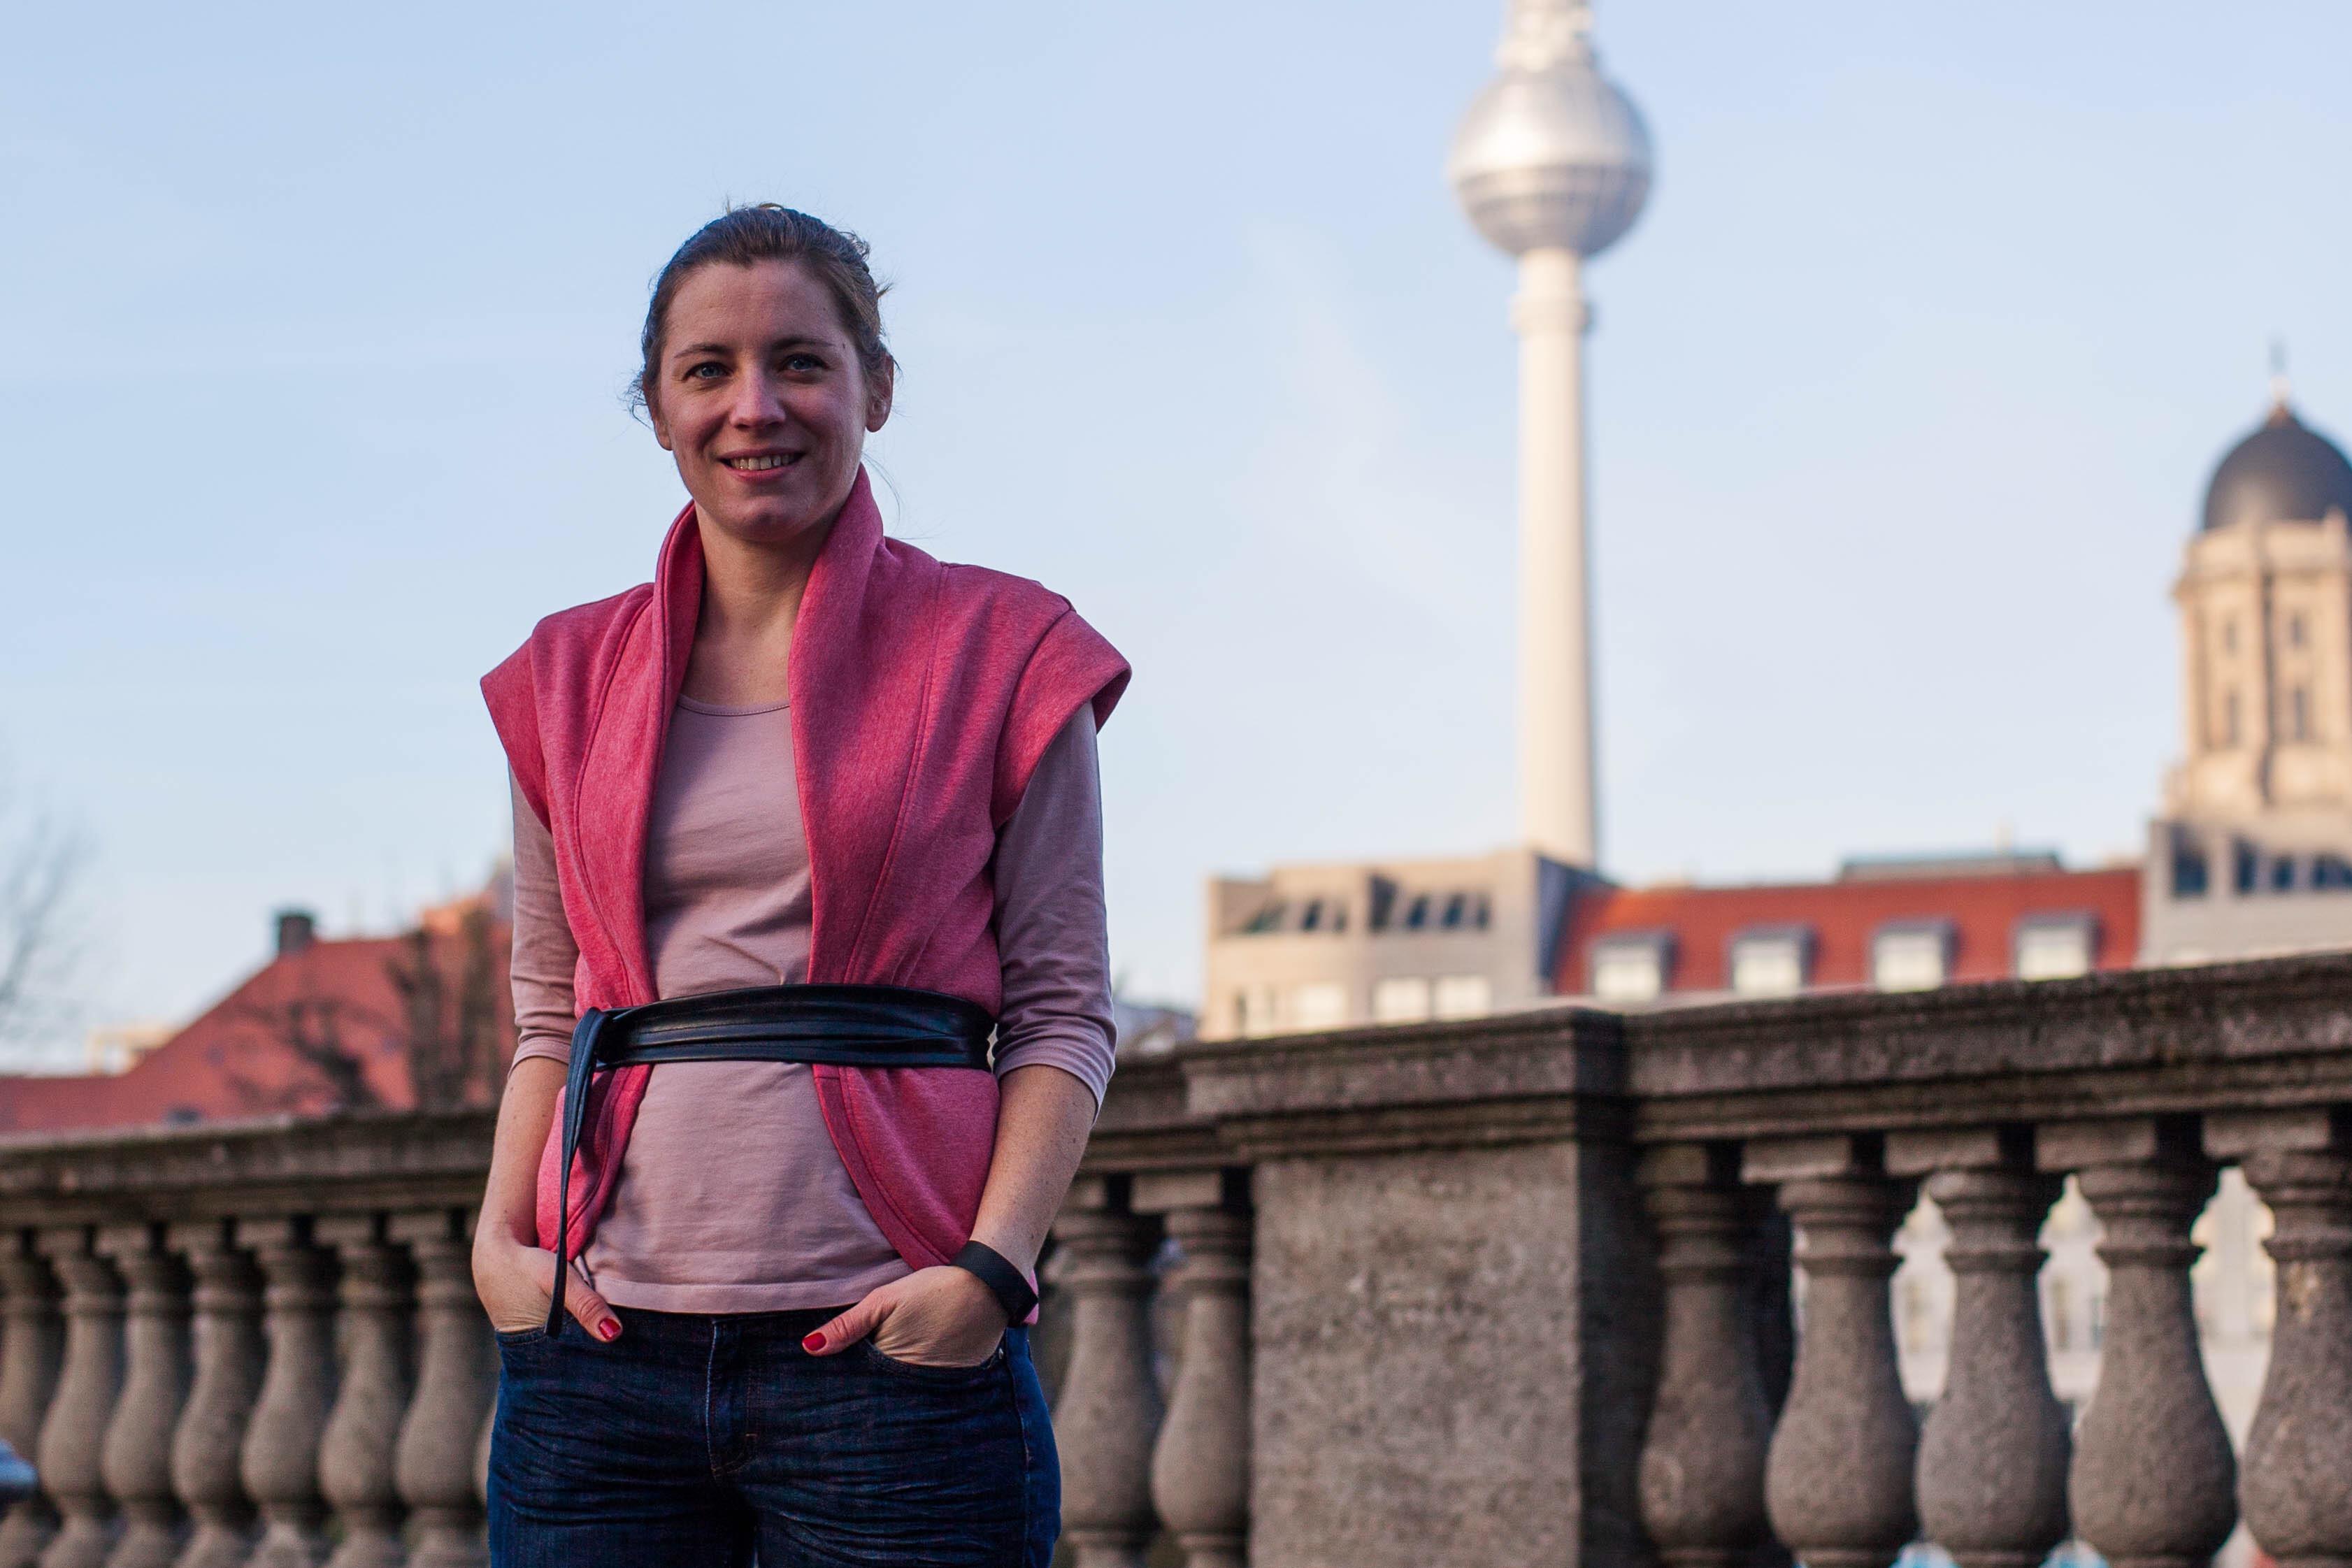 la weste | Frau von Nähten